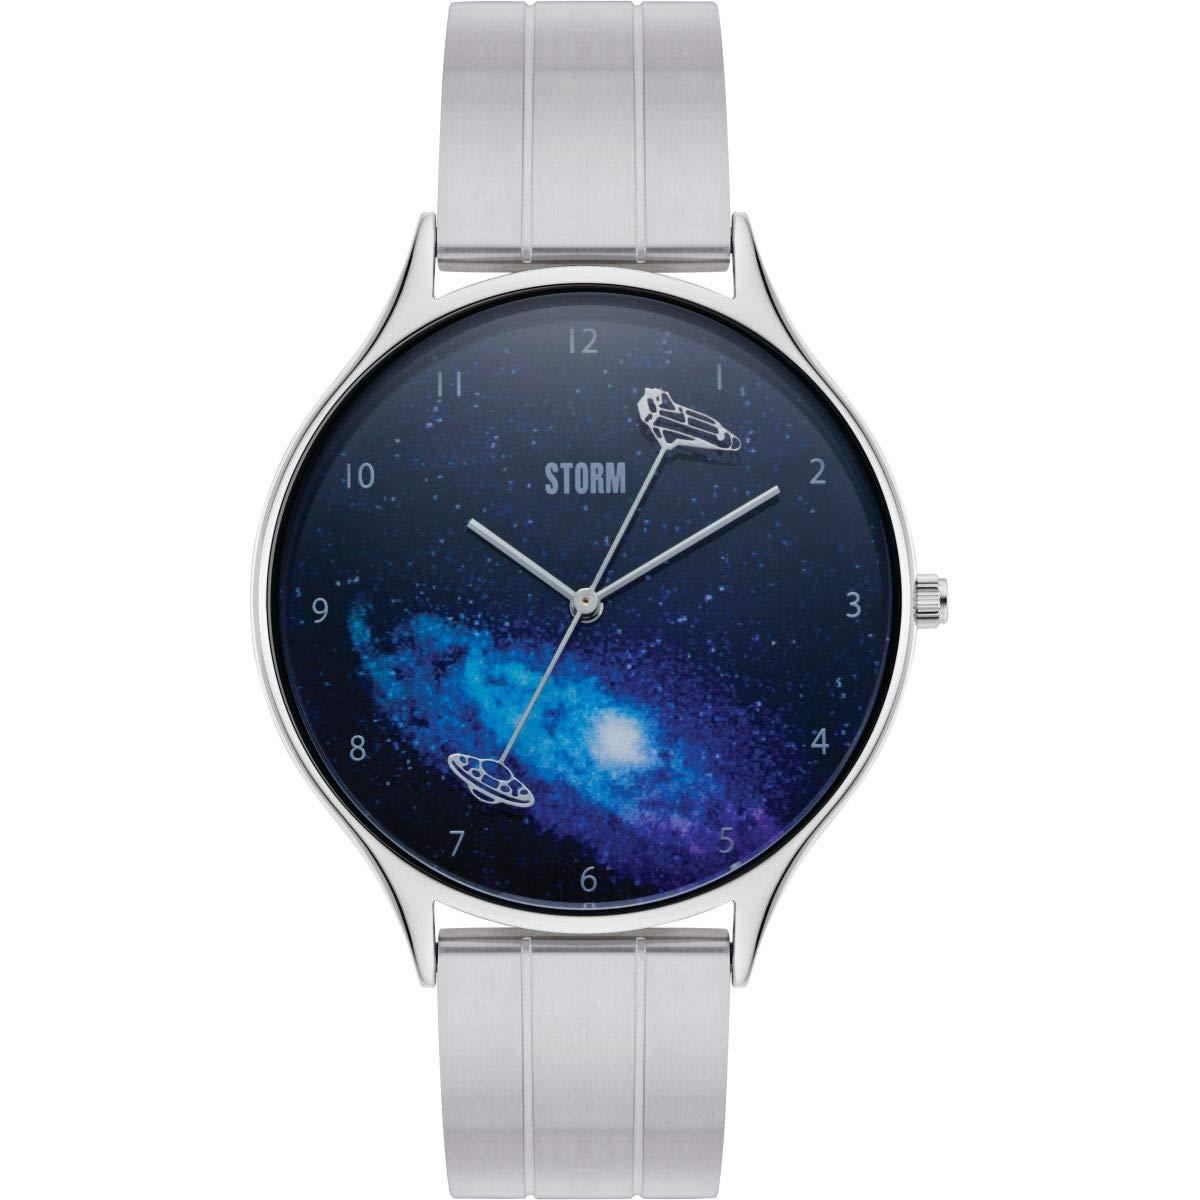 47428b Para De Hombres London Storm Pulsera Blue Interstellar Reloj Fcl1TKJ